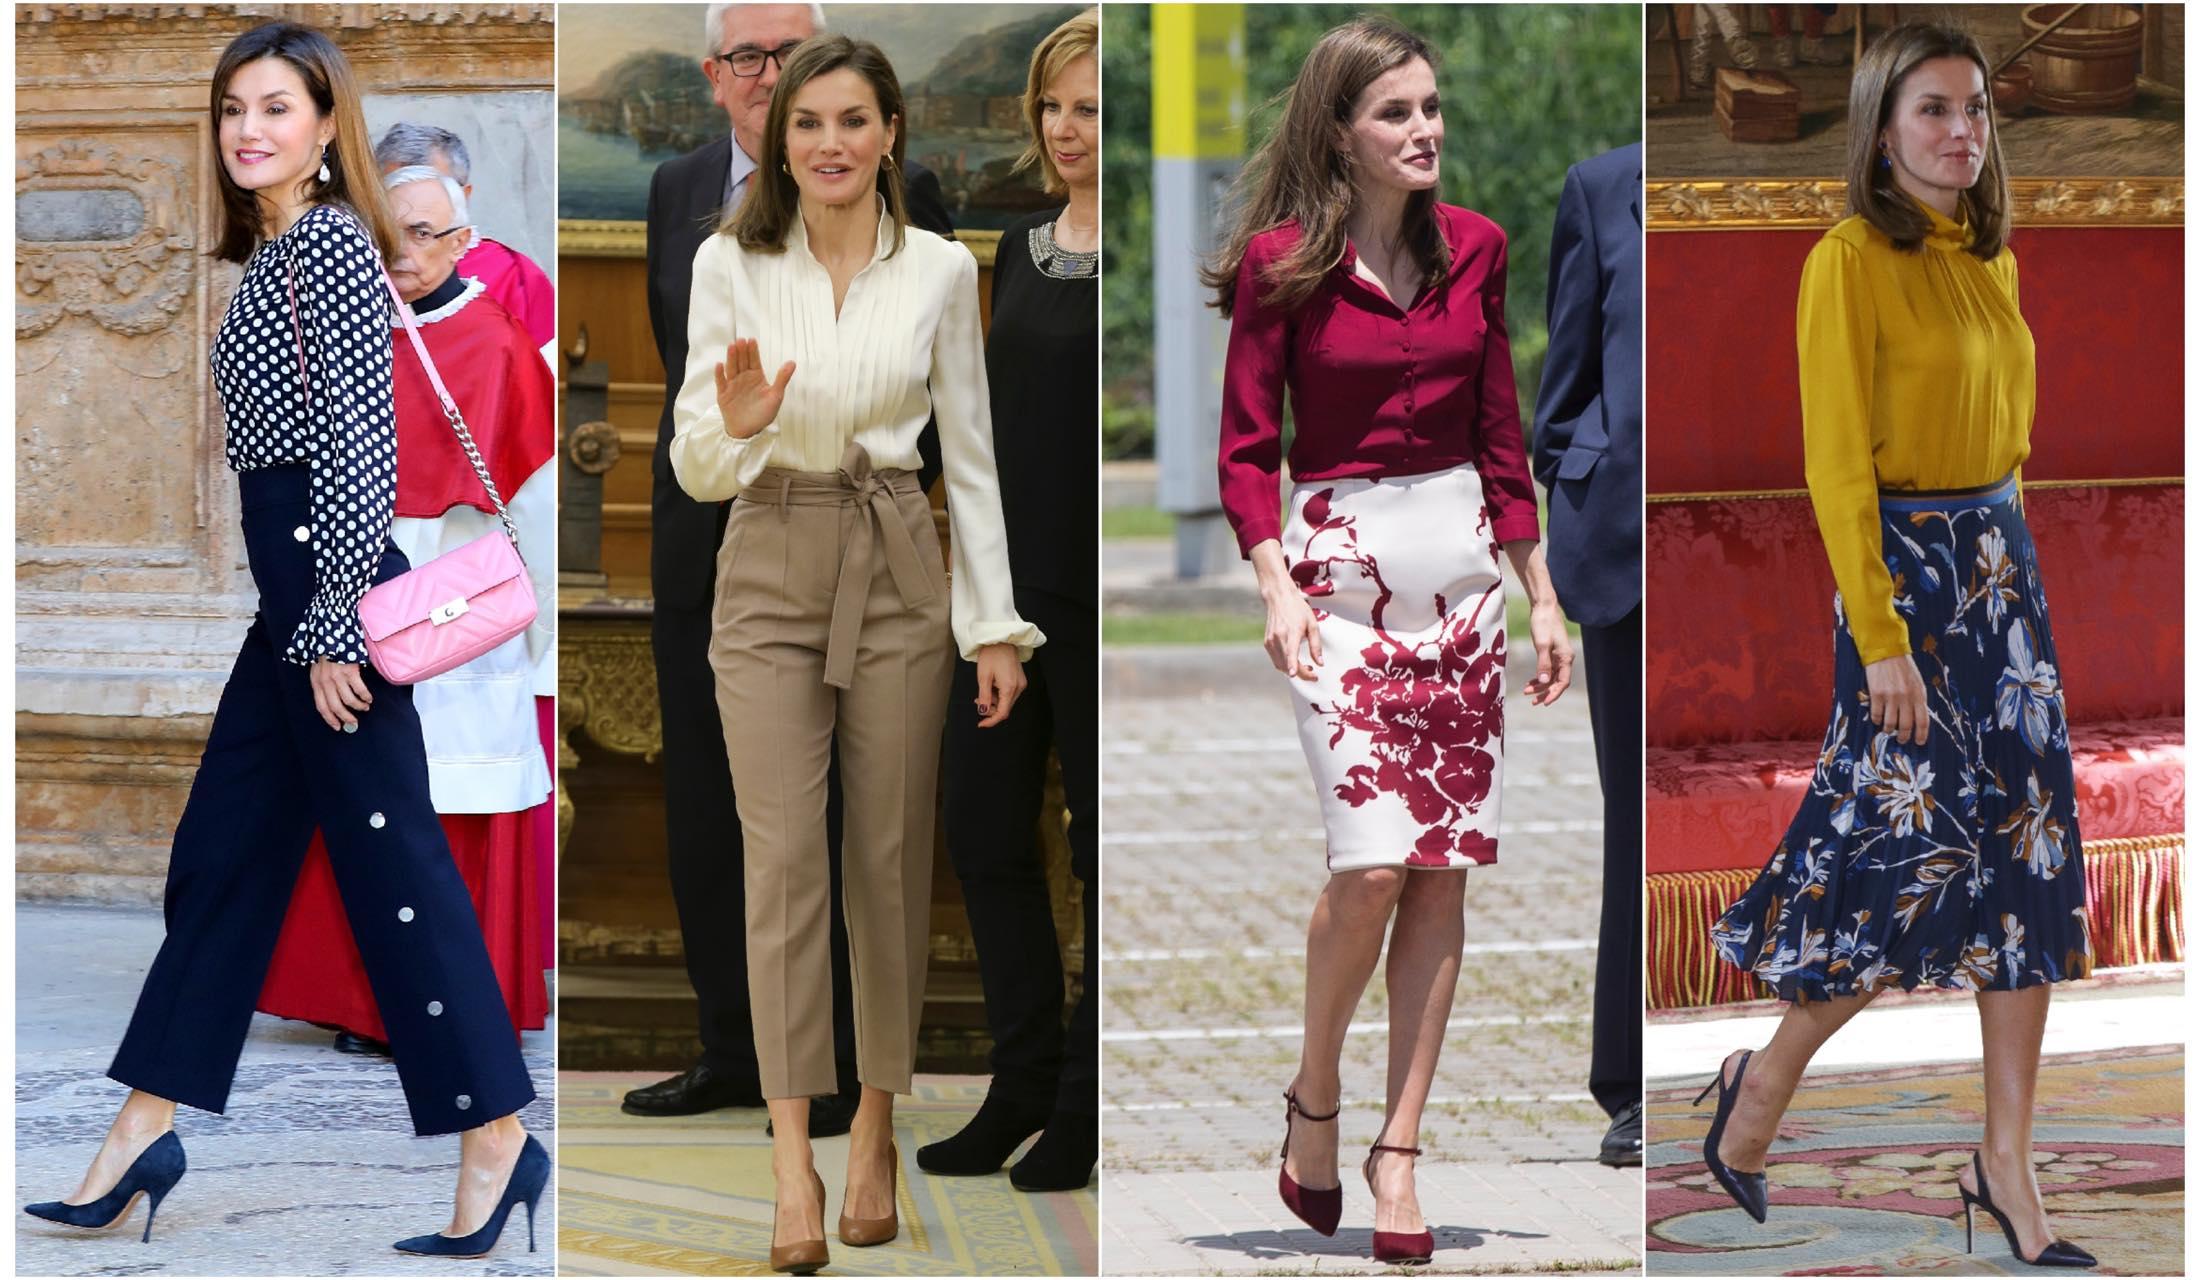 ブラウスをきたスペインのレティシア王妃の着こなしスナップ写真